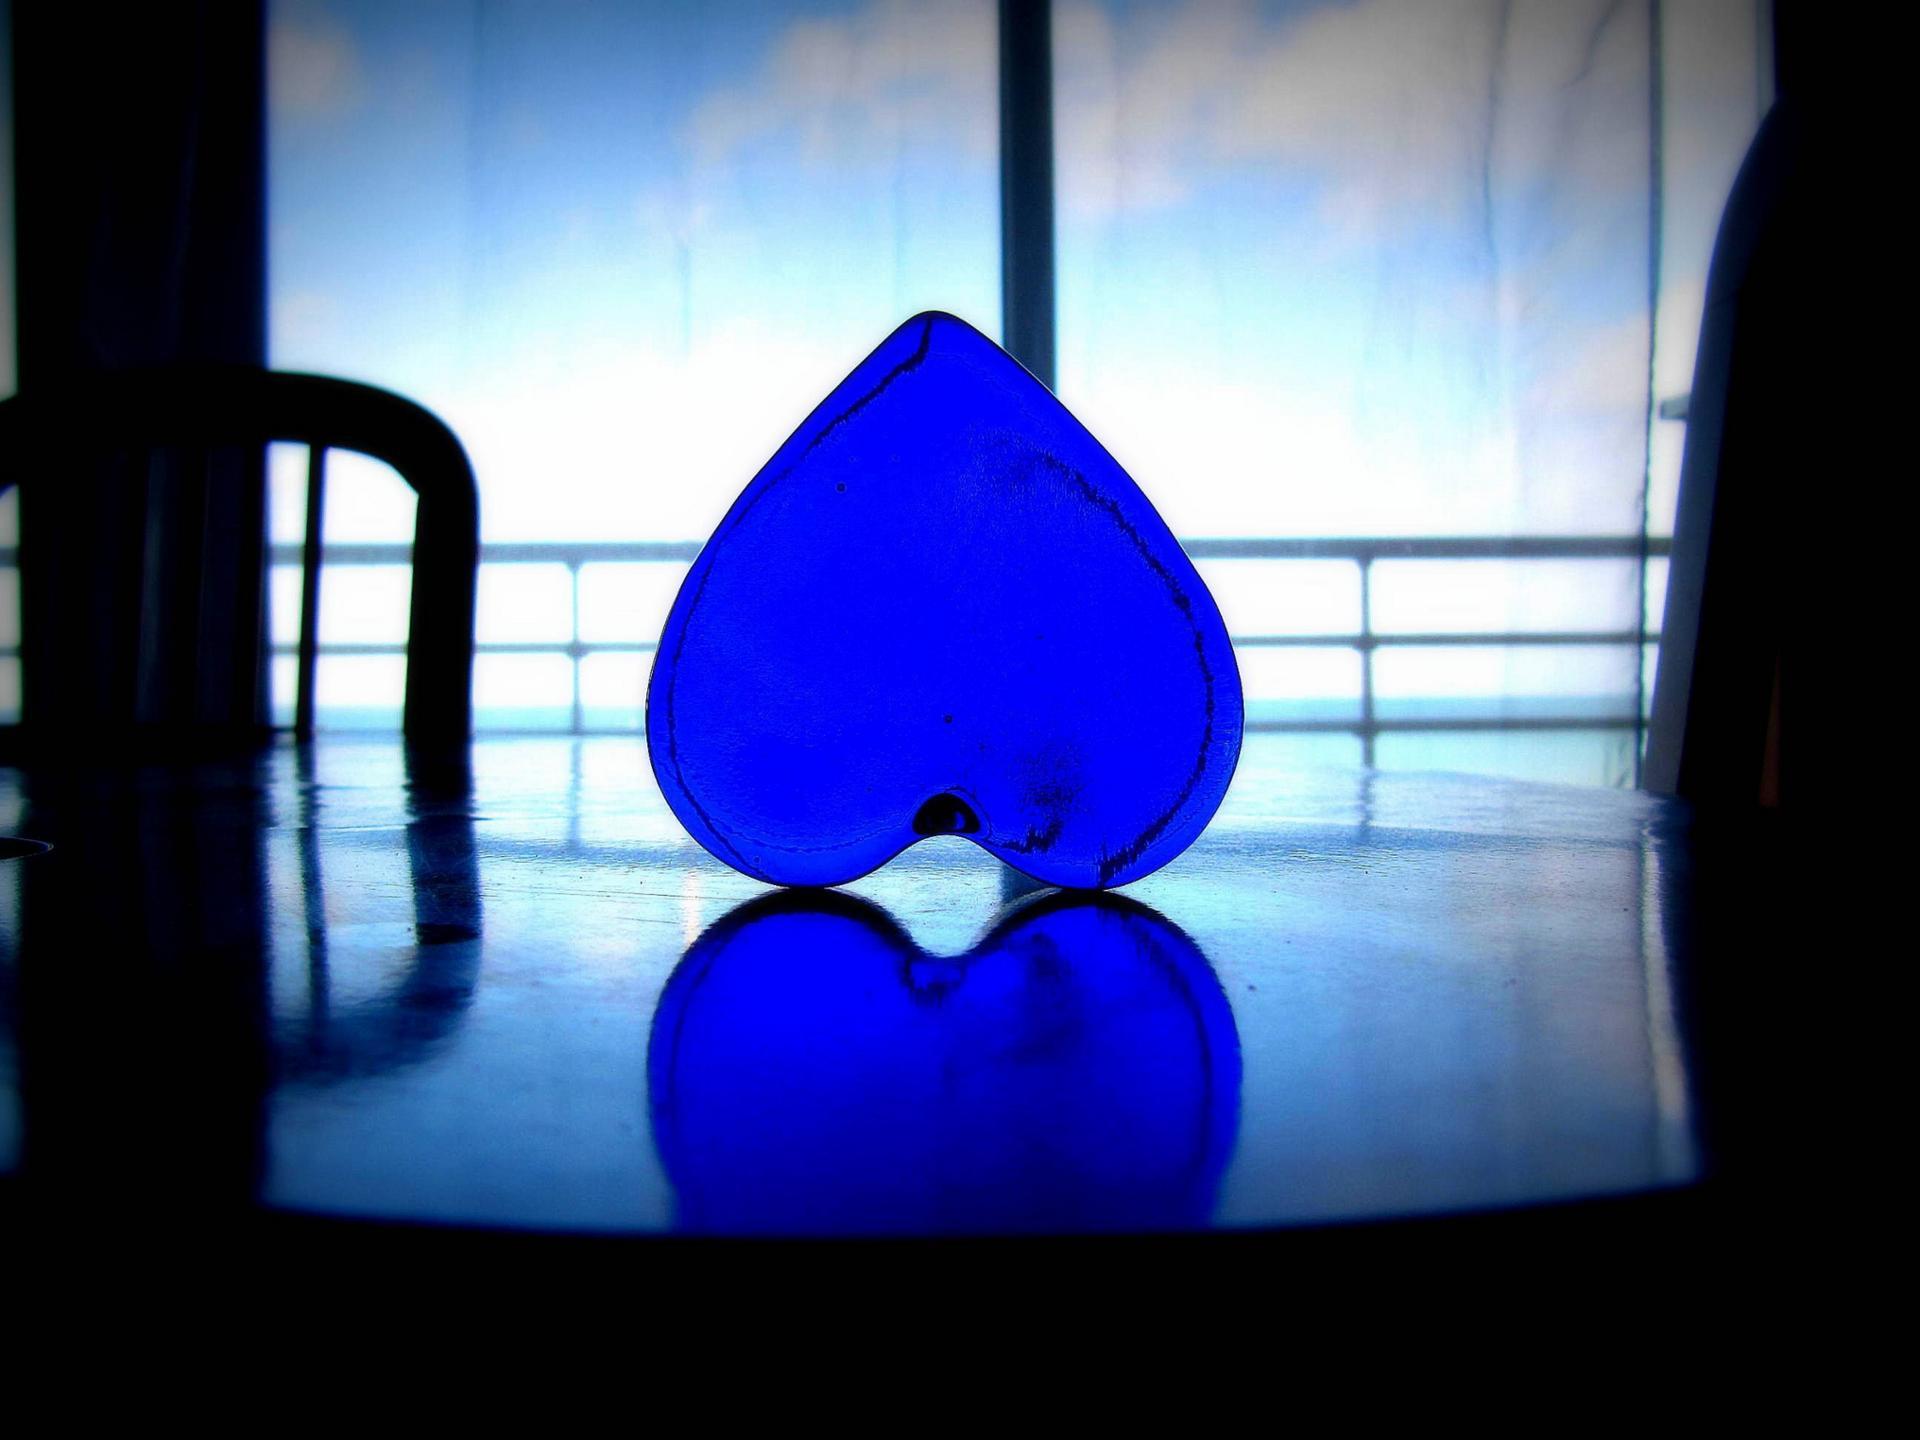 Les bleus au coeur ...